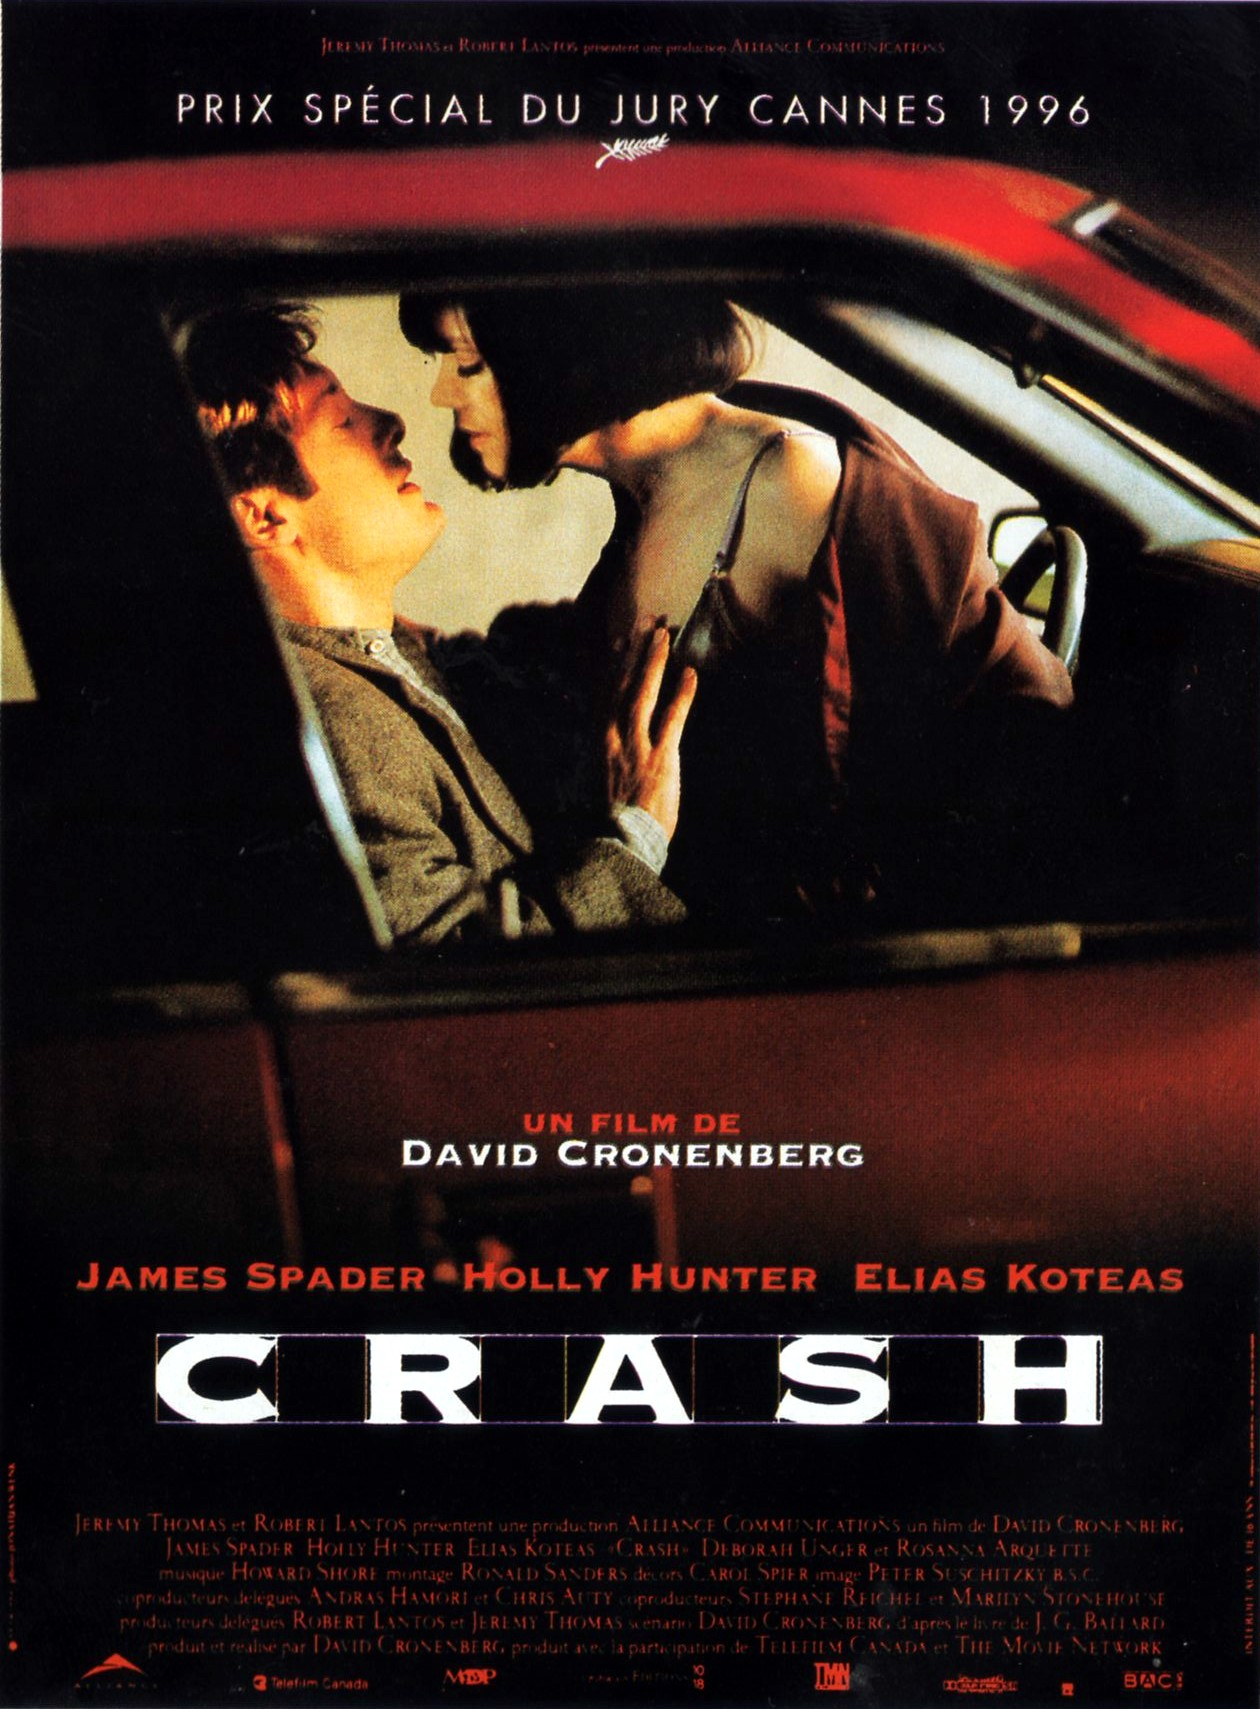 Crash [1996]